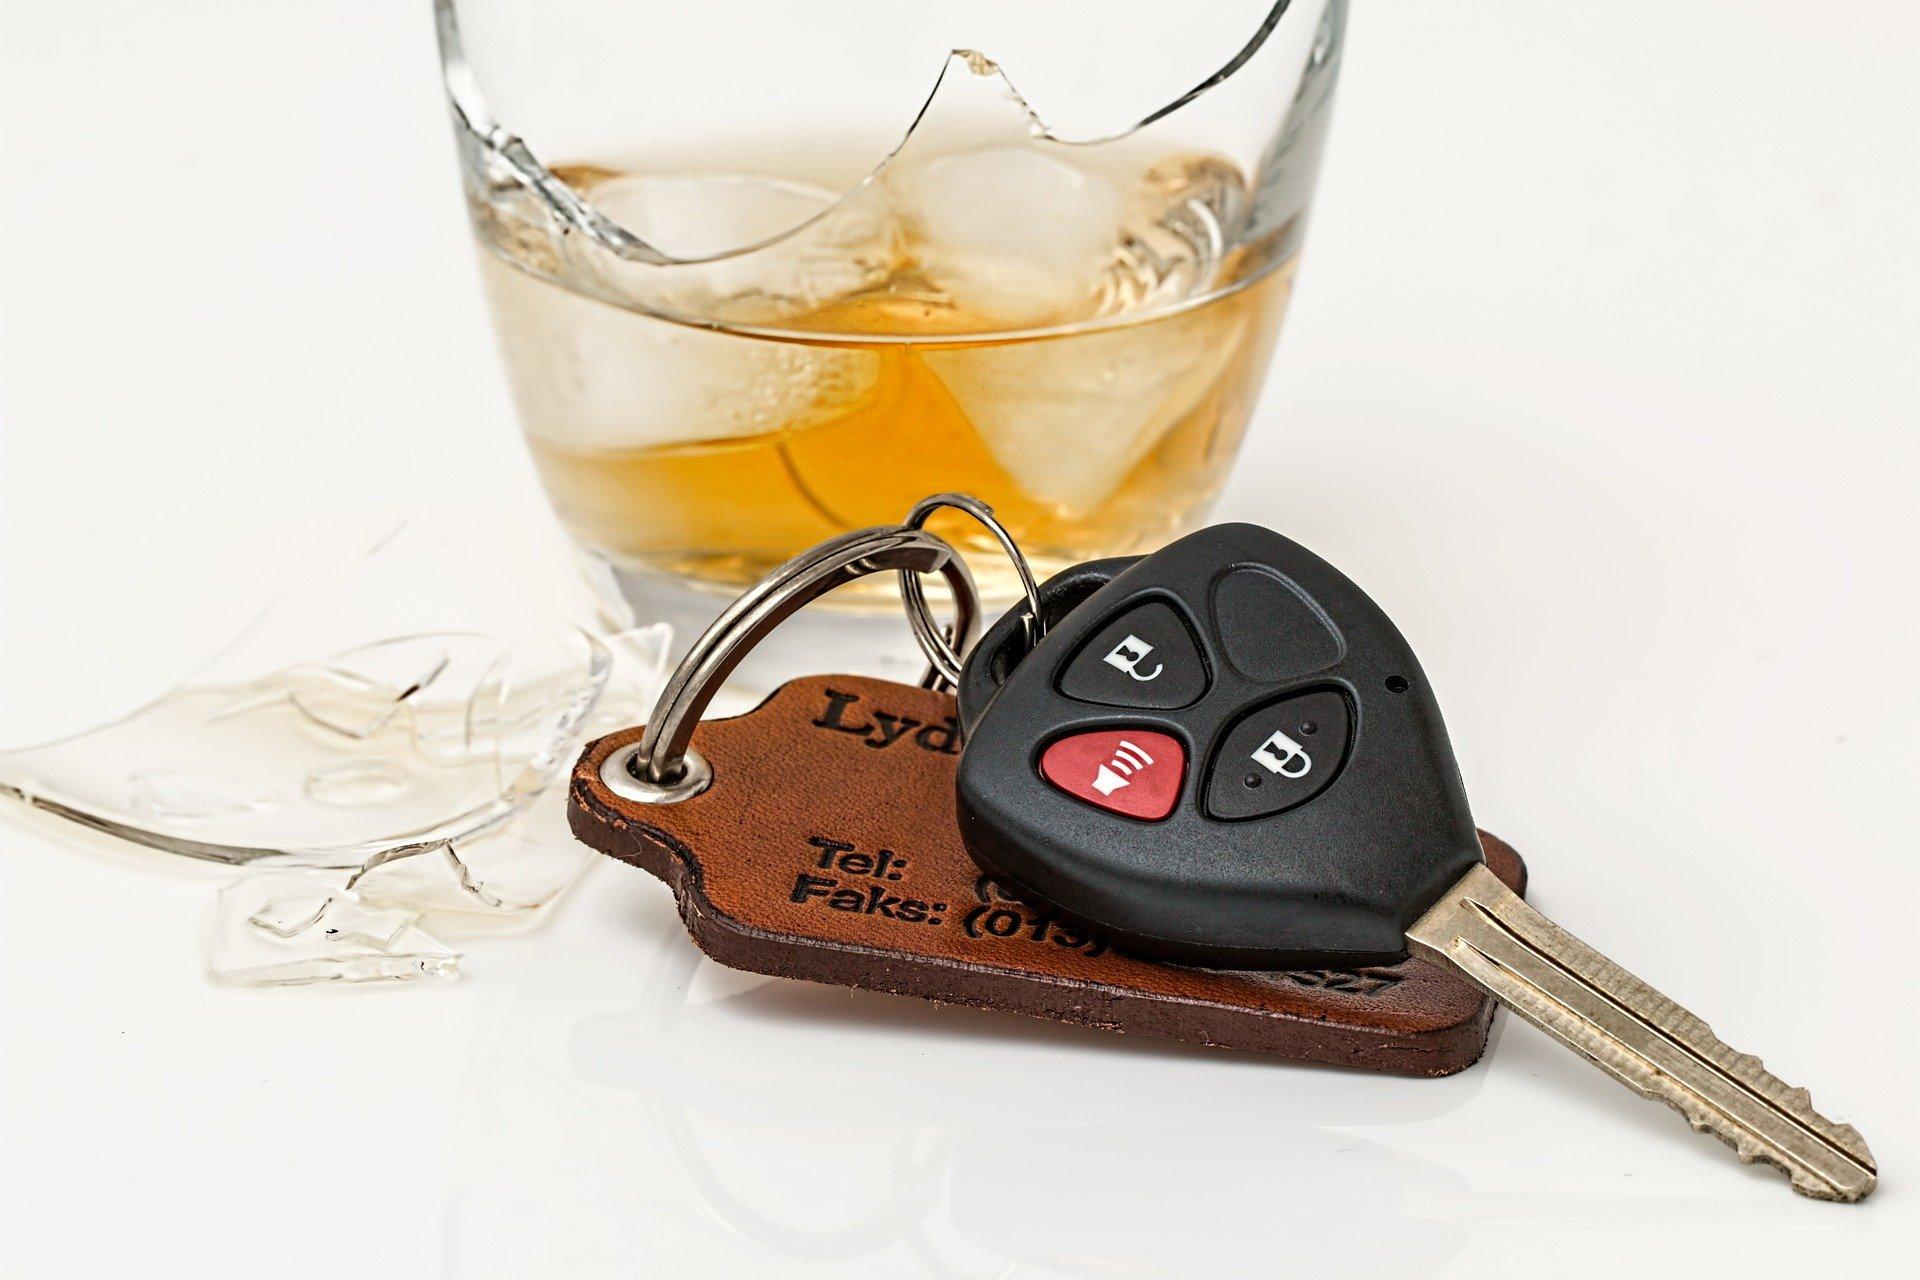 대리운전기사 불러놓고 5m 음주운전, 벌금 1,200만원